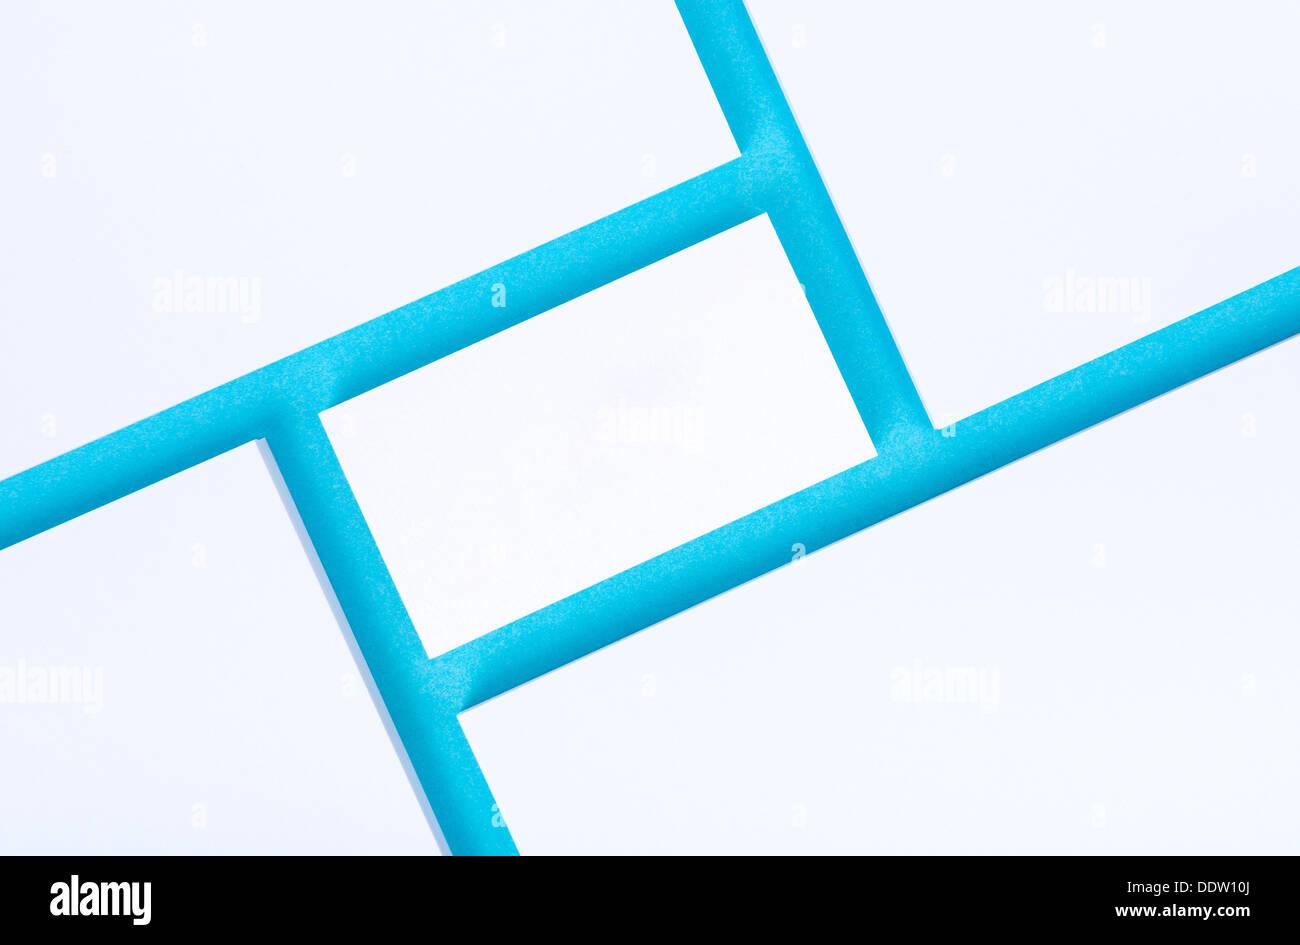 Leere Visitenkarte mit leeren Papiere für Firmenpräsentation oder branding Identität. Auf blauem Papierhintergrund isoliert. Stockbild